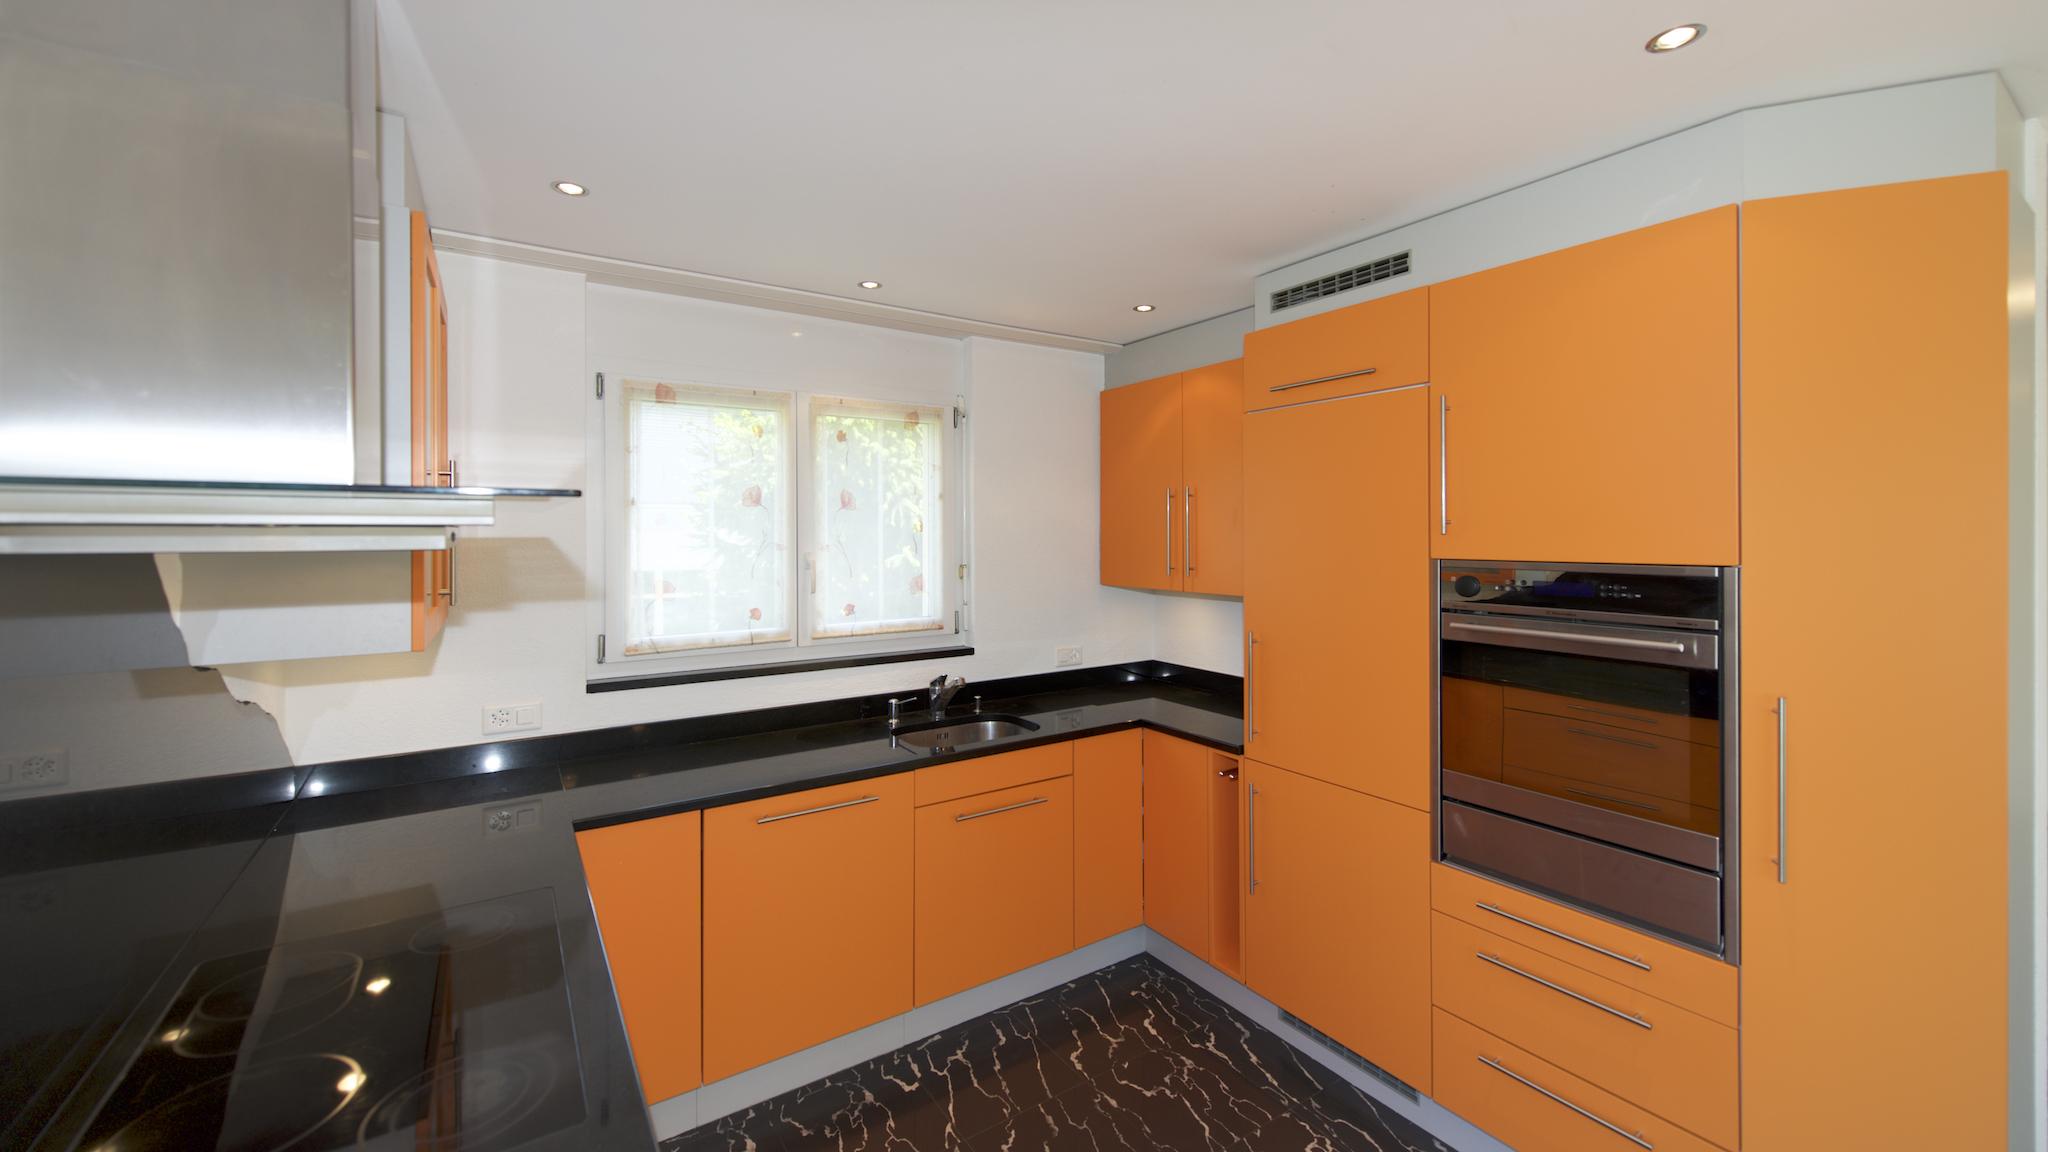 Küche mit edler Granit-Abdeckung